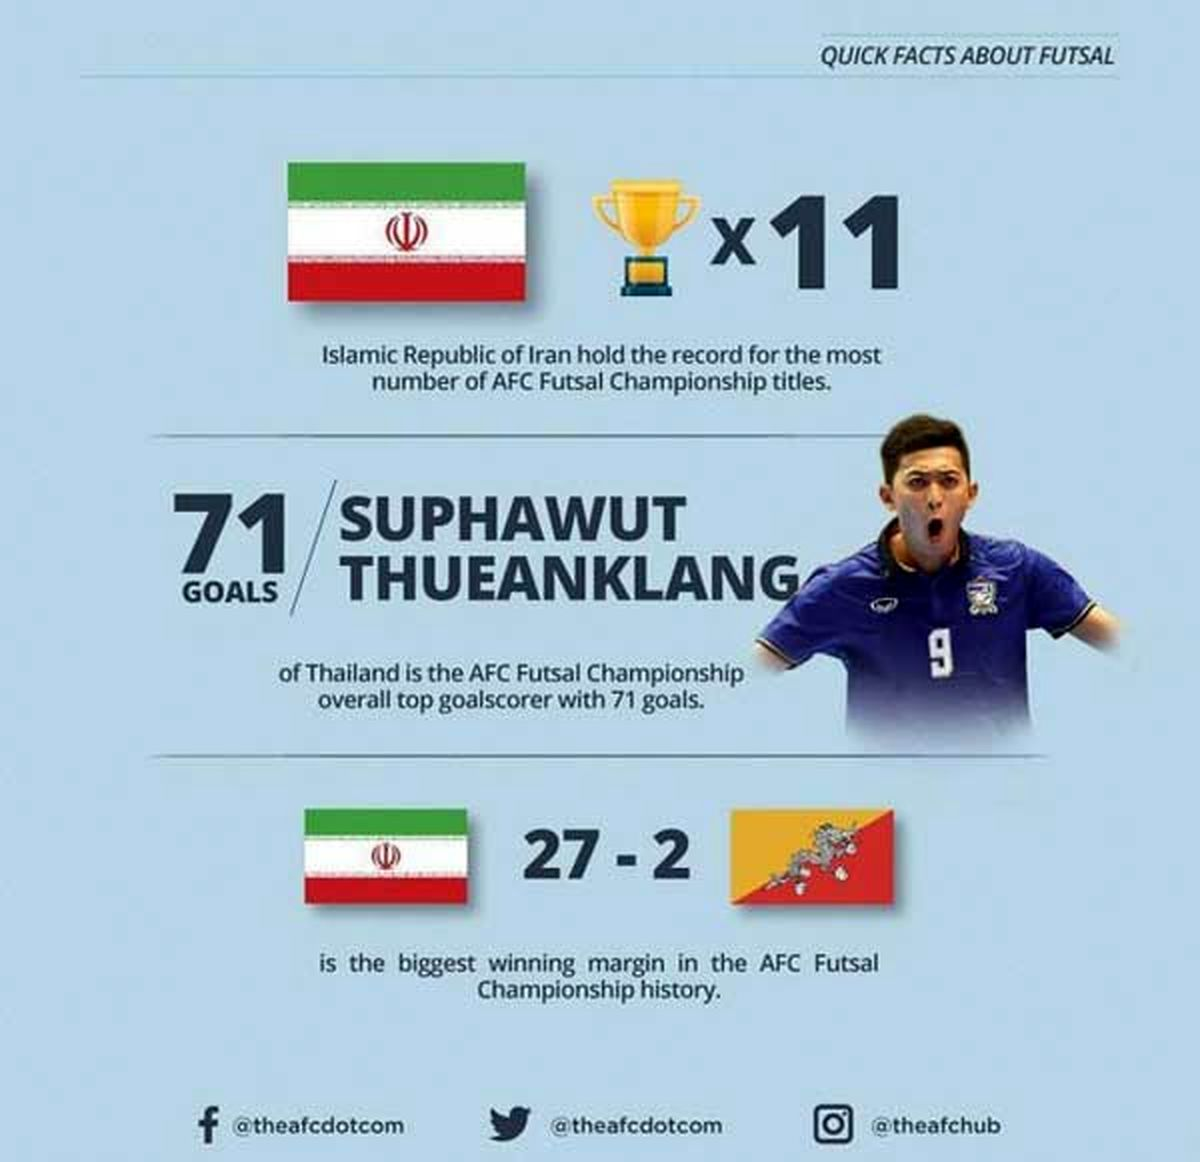 اشتباه AFC در اعلام افتخارات فوتسال ایران +عکس